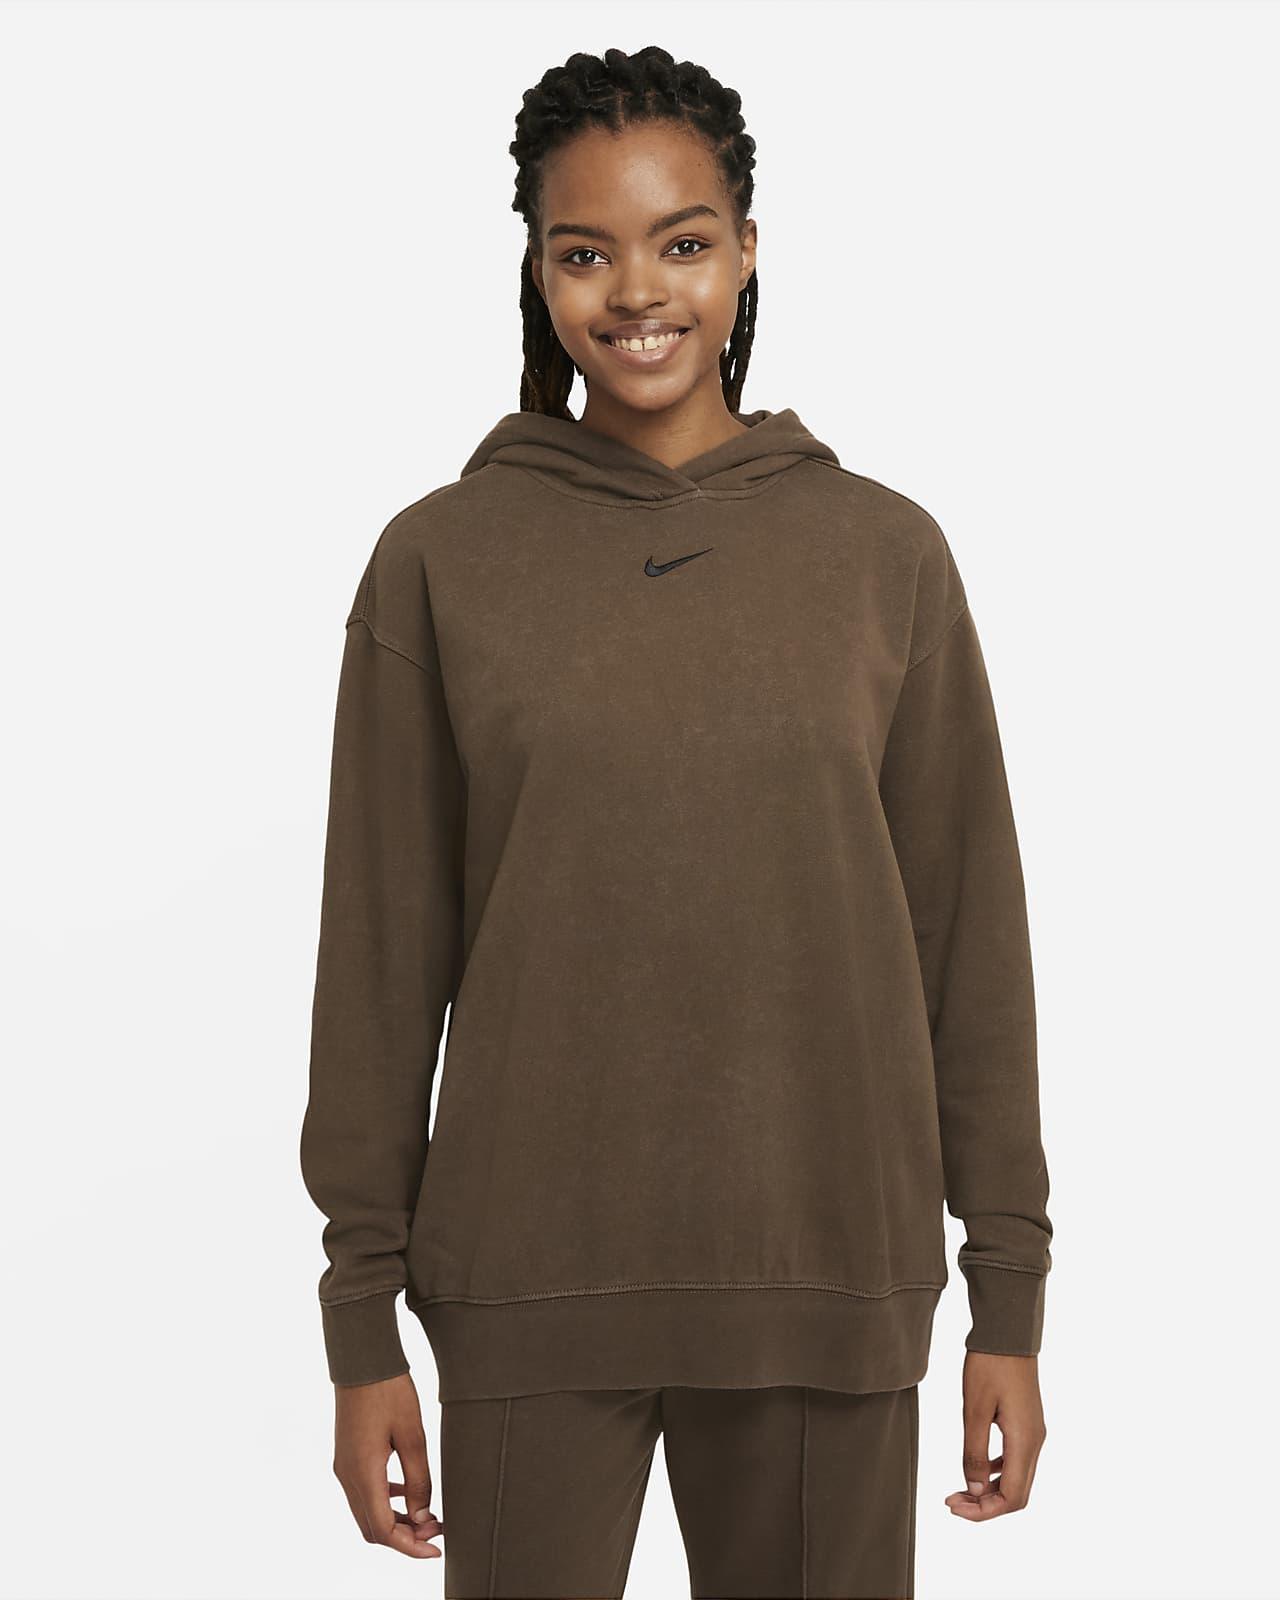 Nike Sportswear Essential Collection Sudadera con capucha de tejido Fleece lavado - Mujer